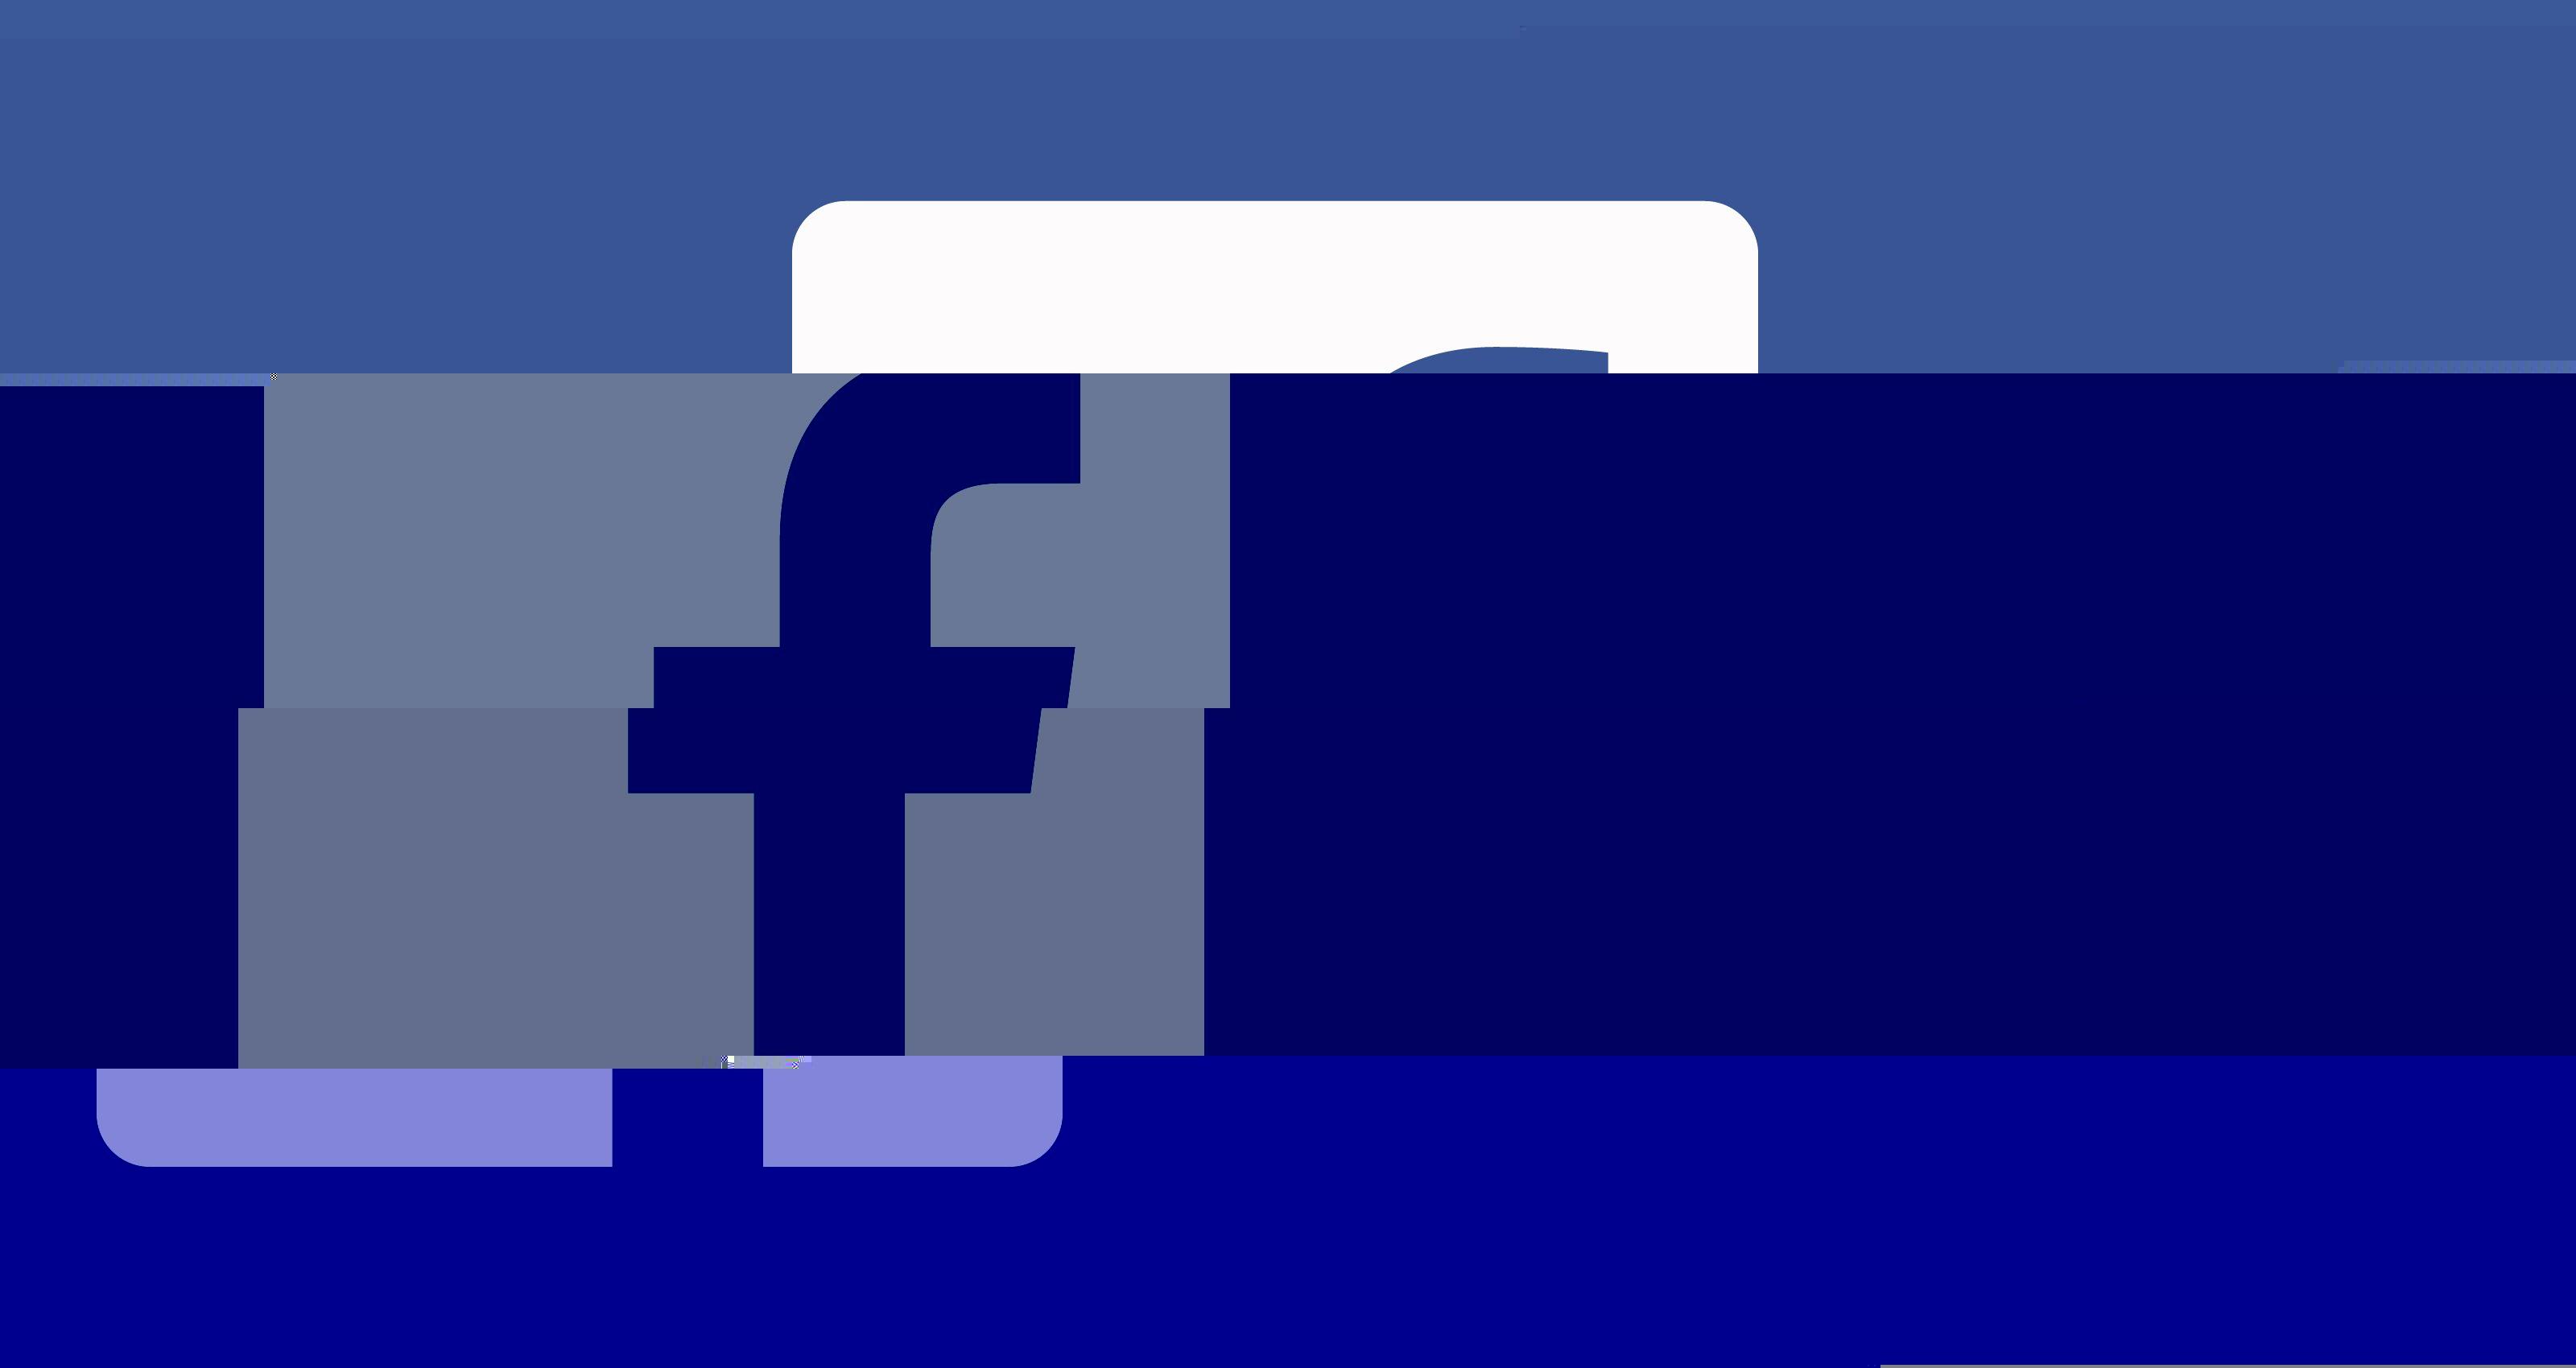 Свидетельство Конгресса показывает некоторые недостатки в планах цифровой валюты Facebook